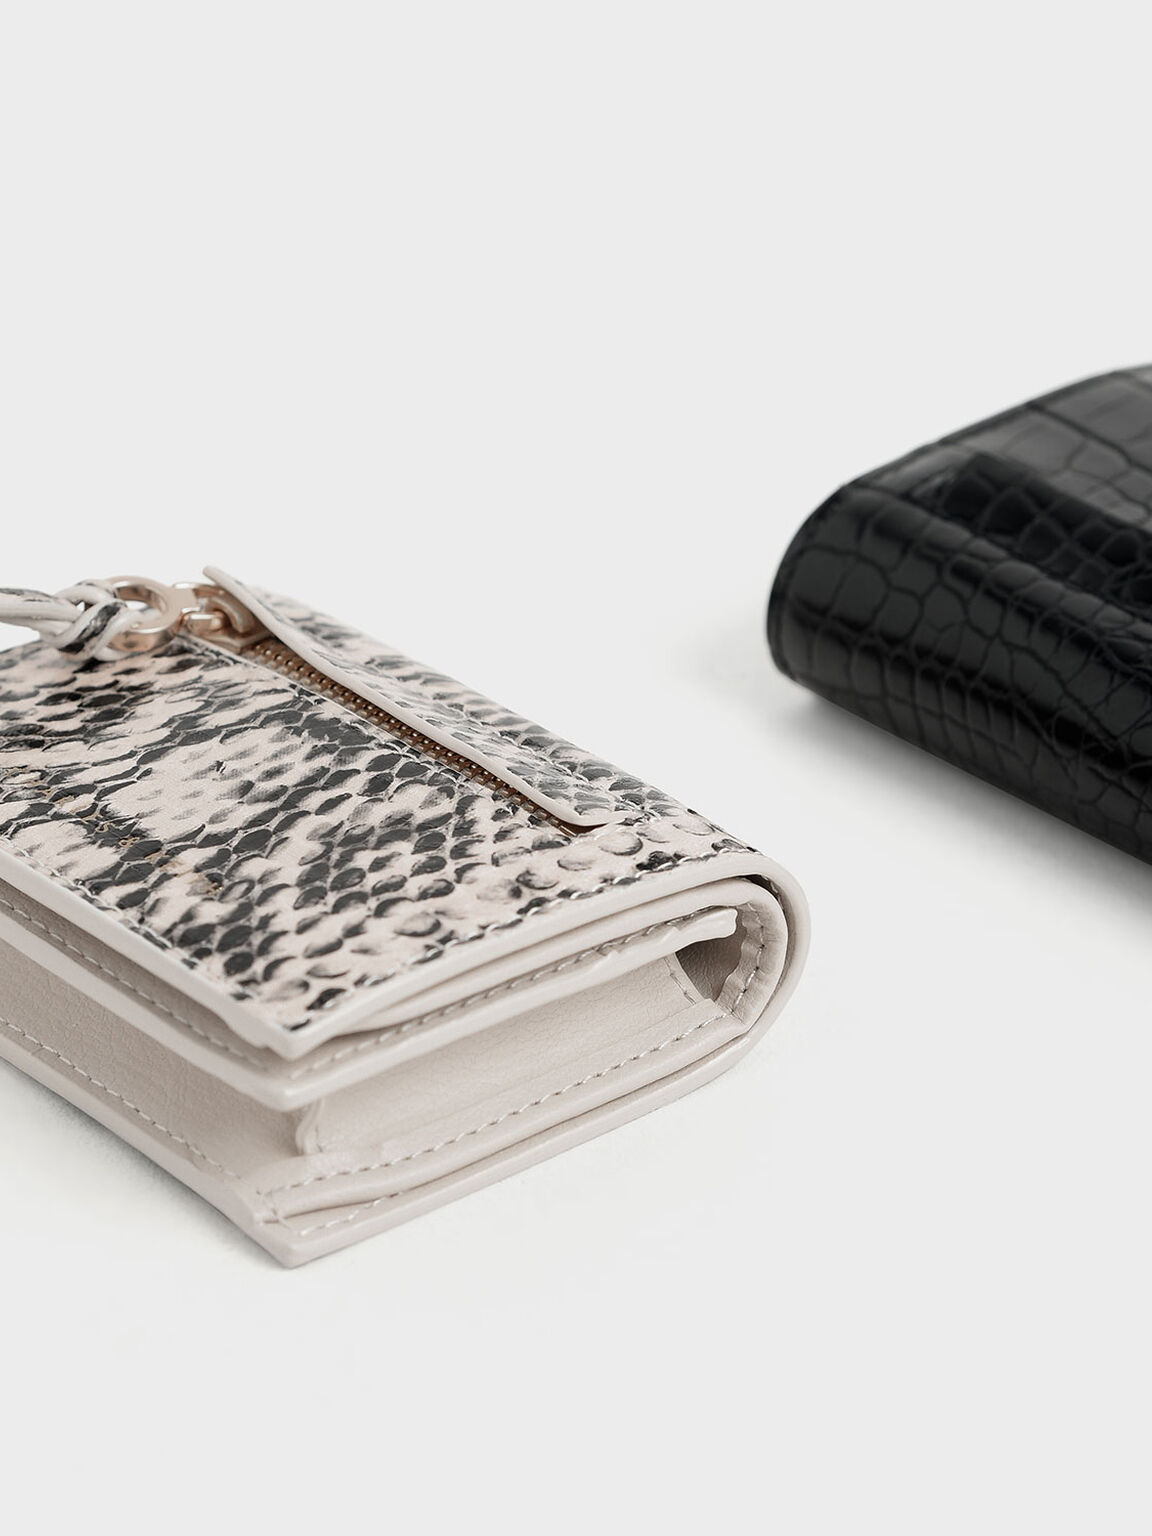 蛇紋票卡夾, 奶油色, hi-res